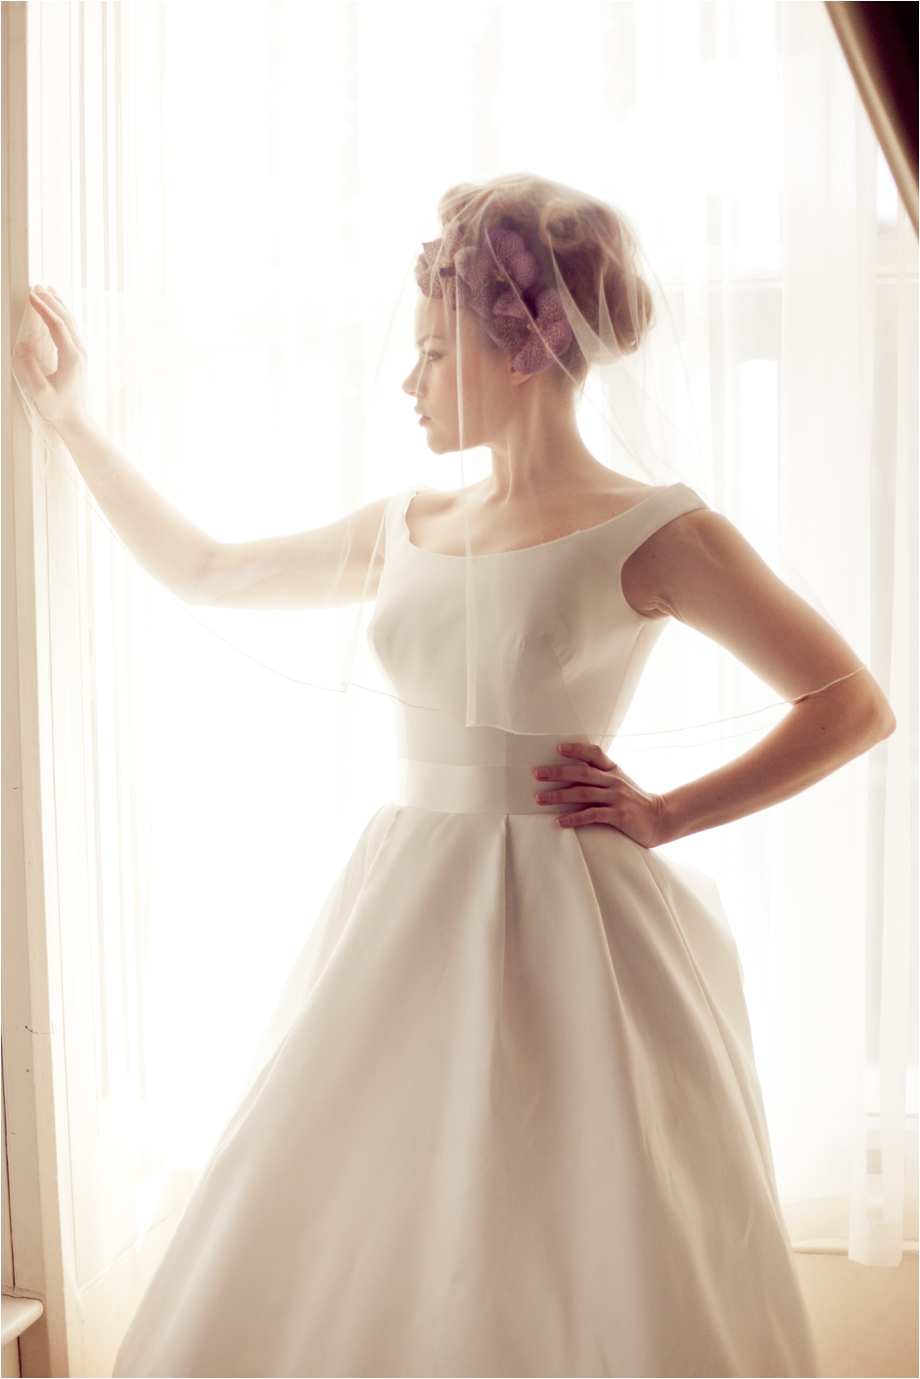 110_eddie-judd-photography-miss-bush-bridal-debutantes_0967_FB